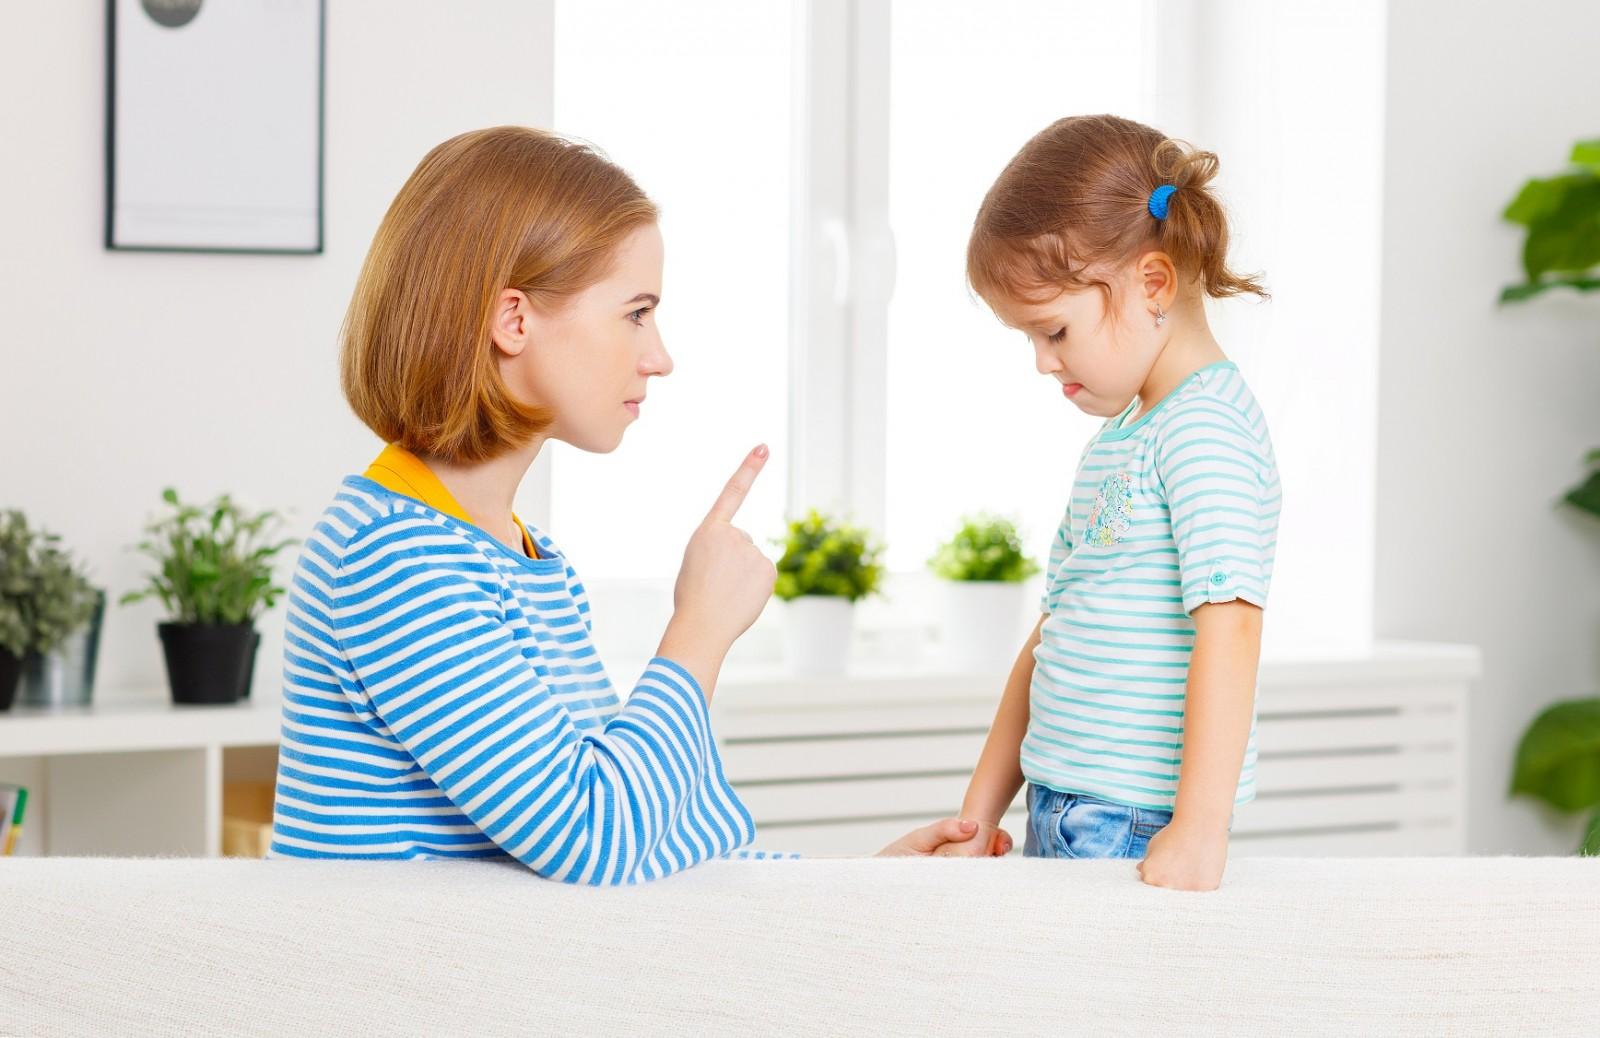 Як зуміти стримати свої емоції в спілкуванні з норовливою дитиною